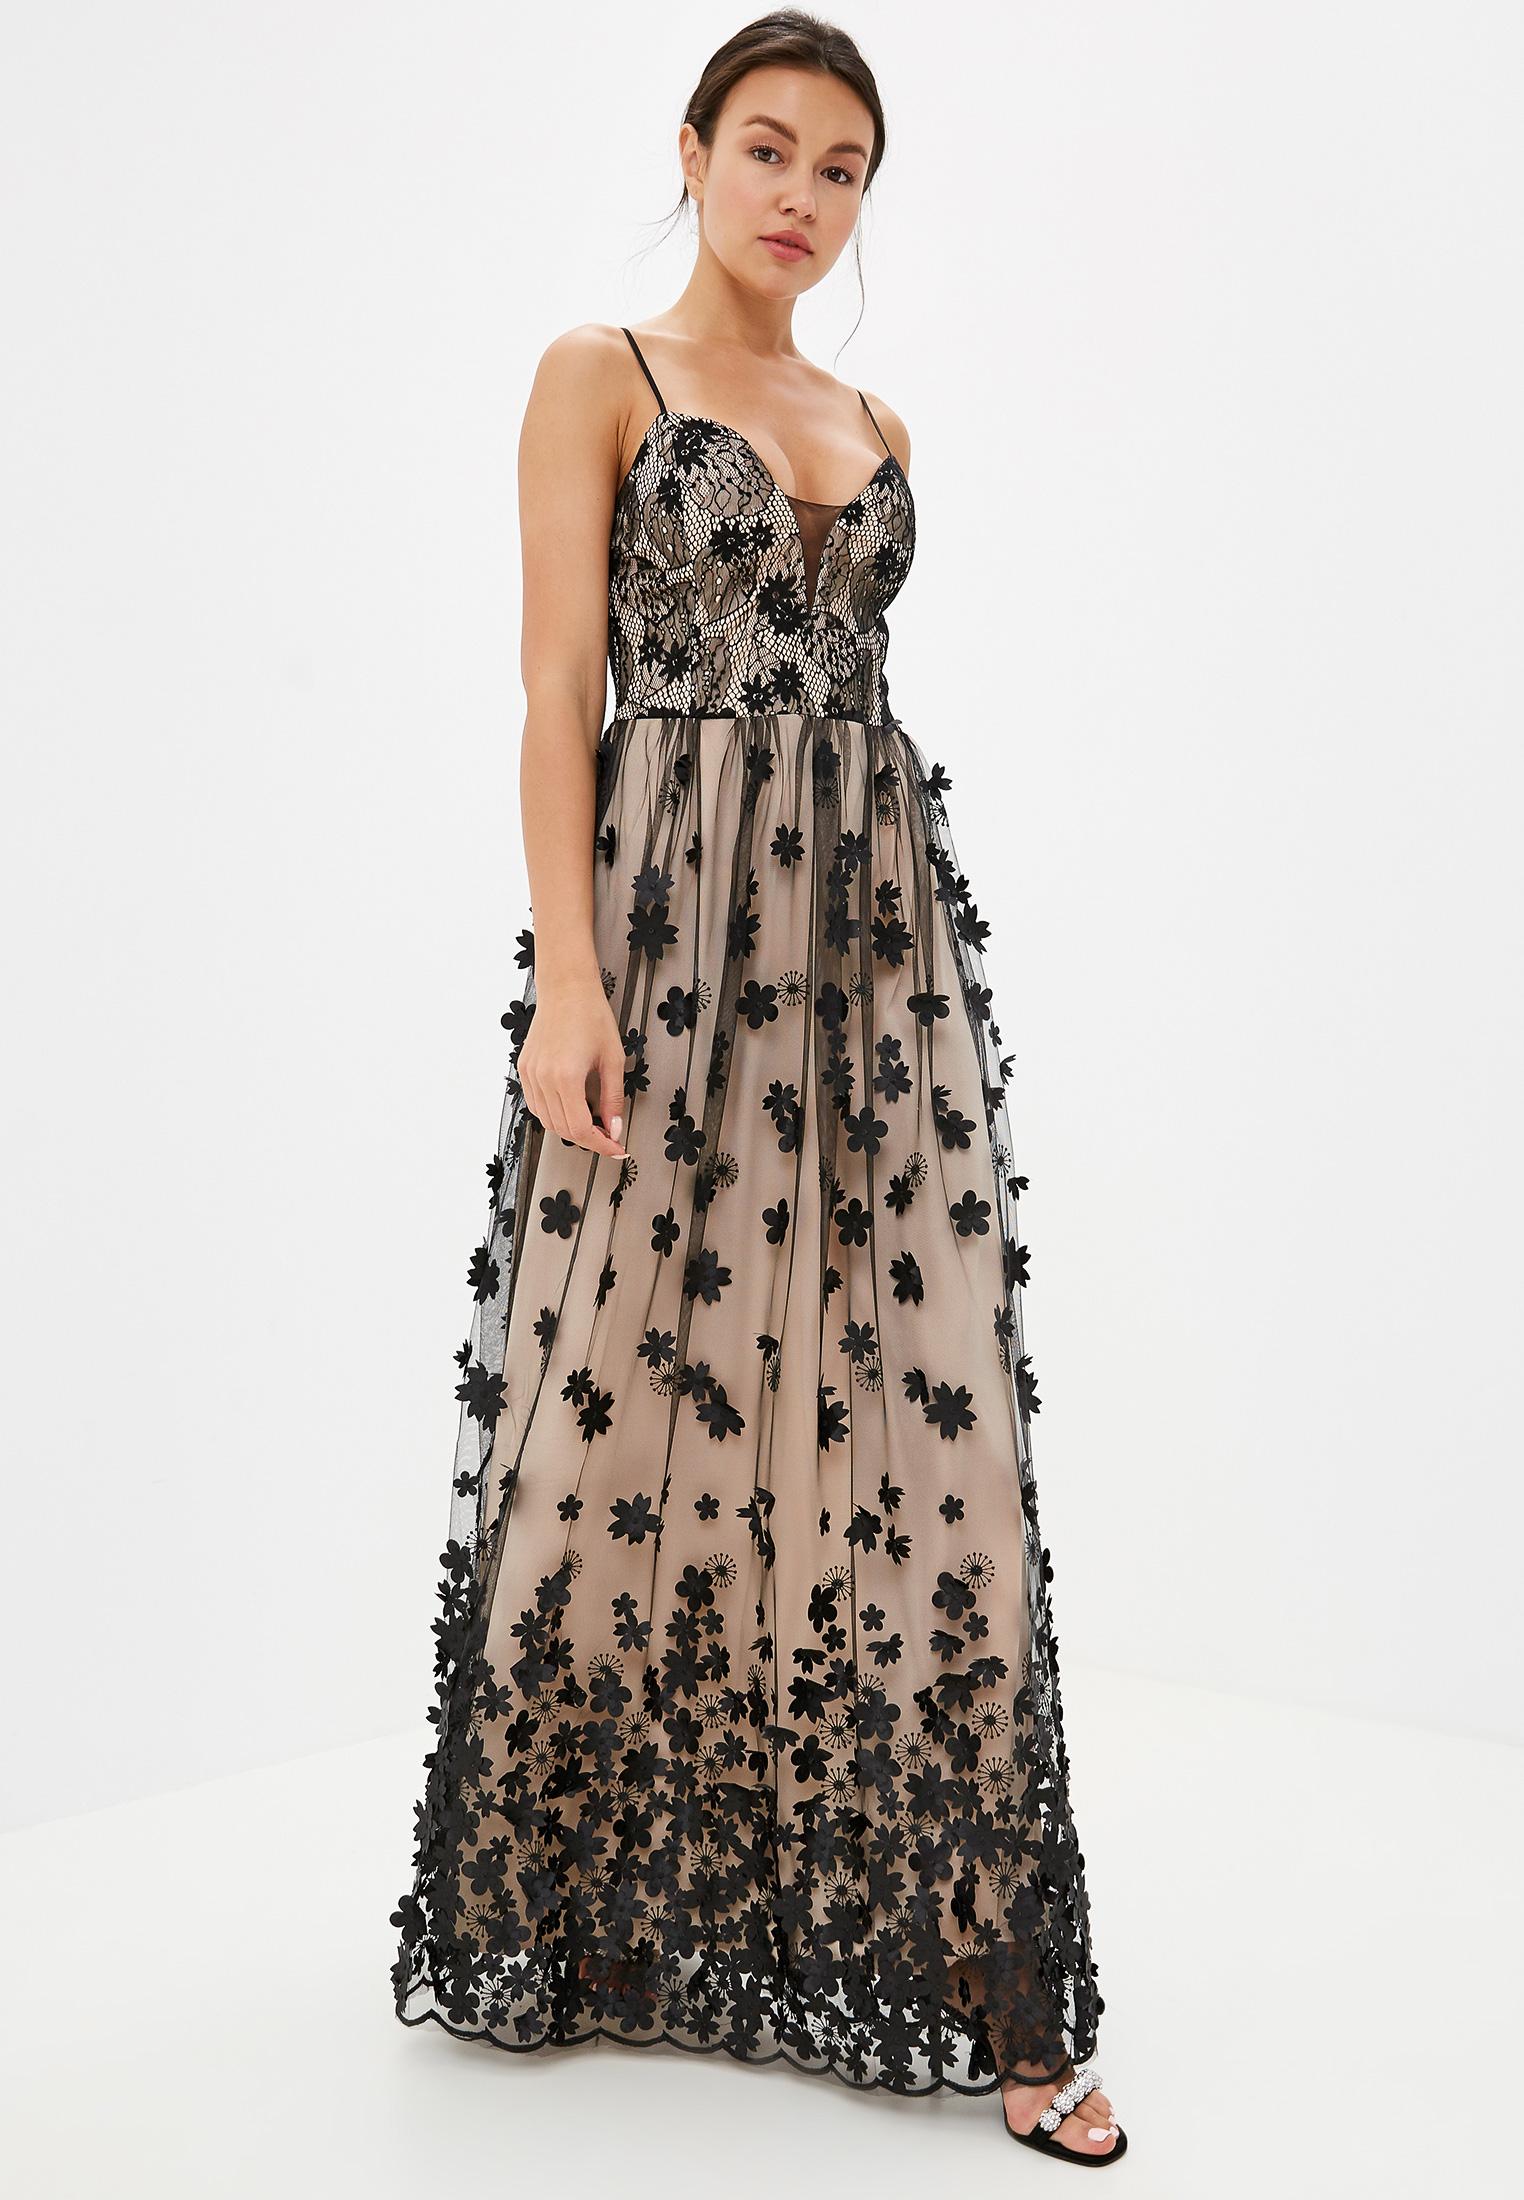 Картинки недорогих платьев